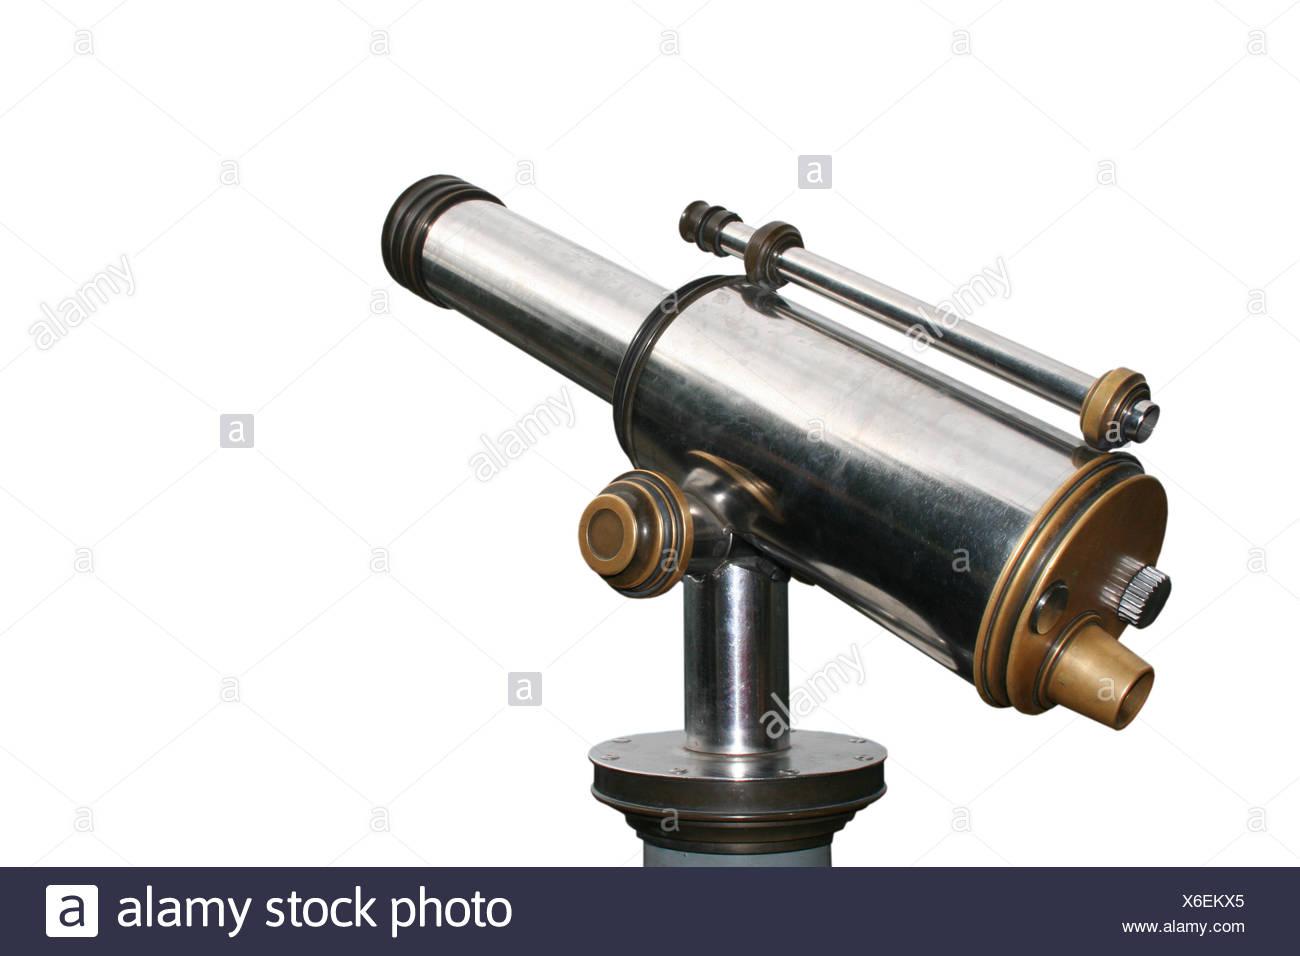 optional tackle observation - Stock Image